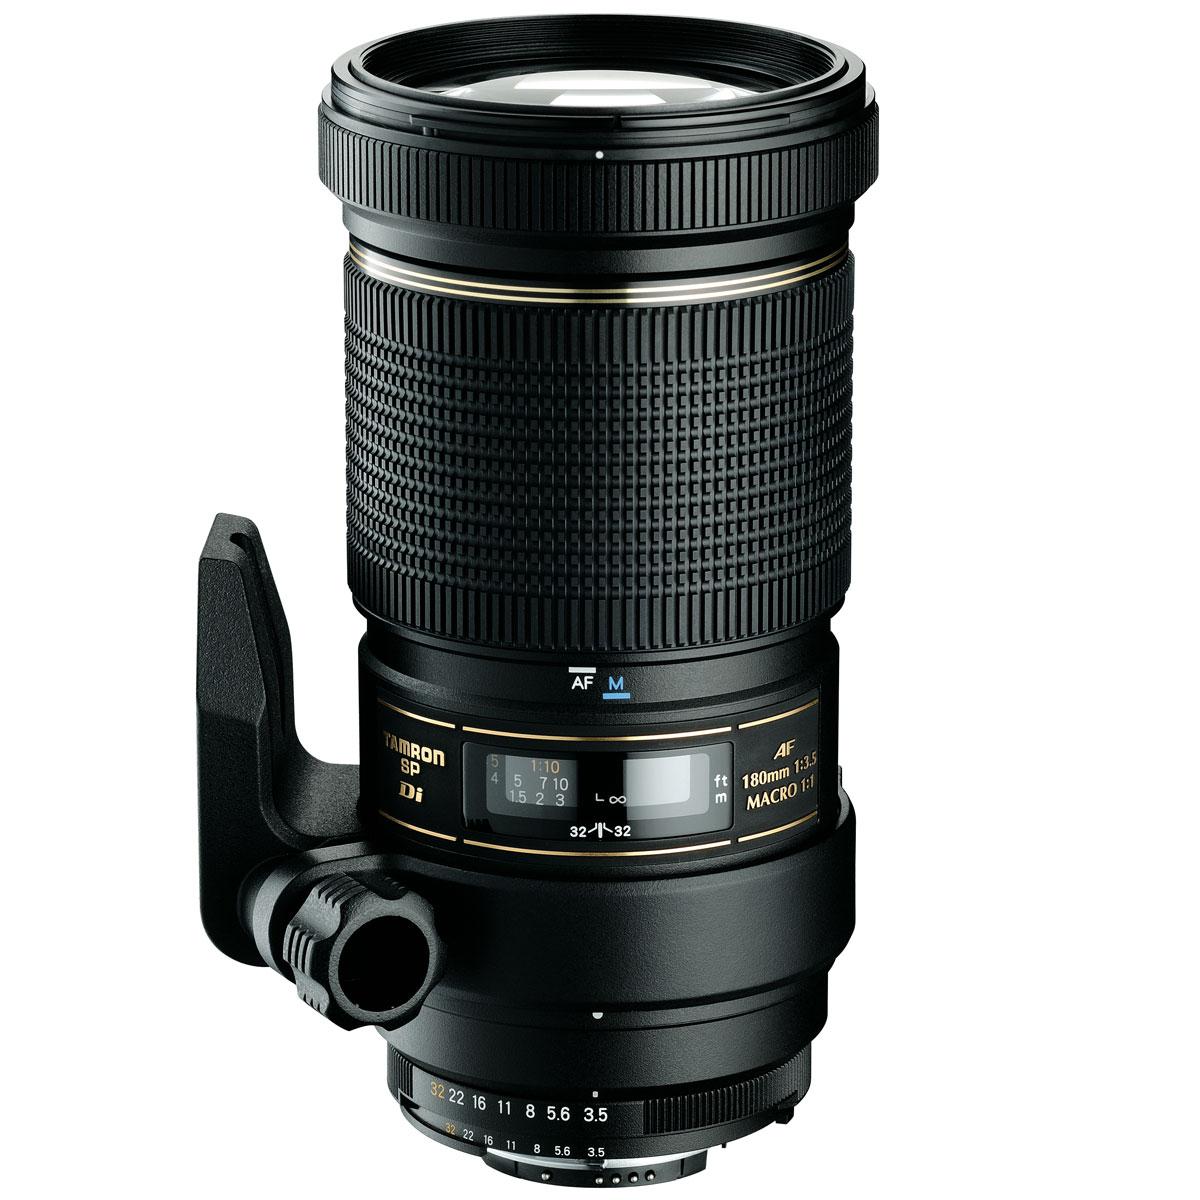 Tamron SP AF 180mm F/3.5 Di LD Macro, Nikon ��������